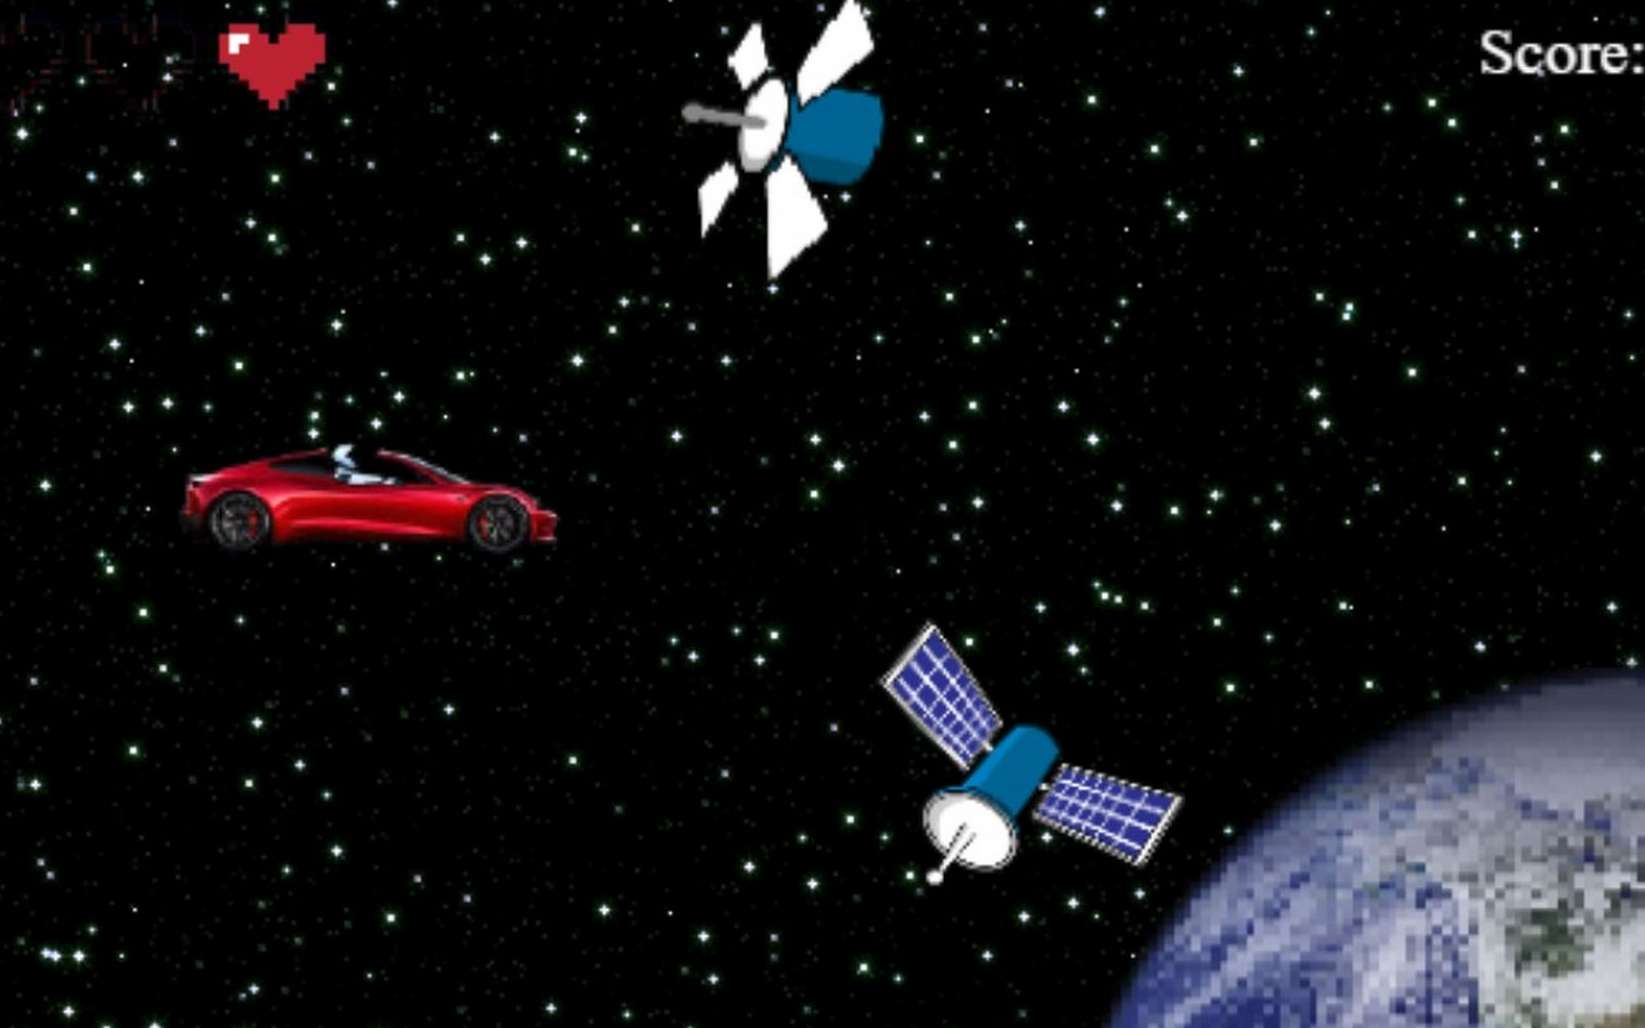 Extrait du jeu vidéo Starman Tesla Game. © AutoWise